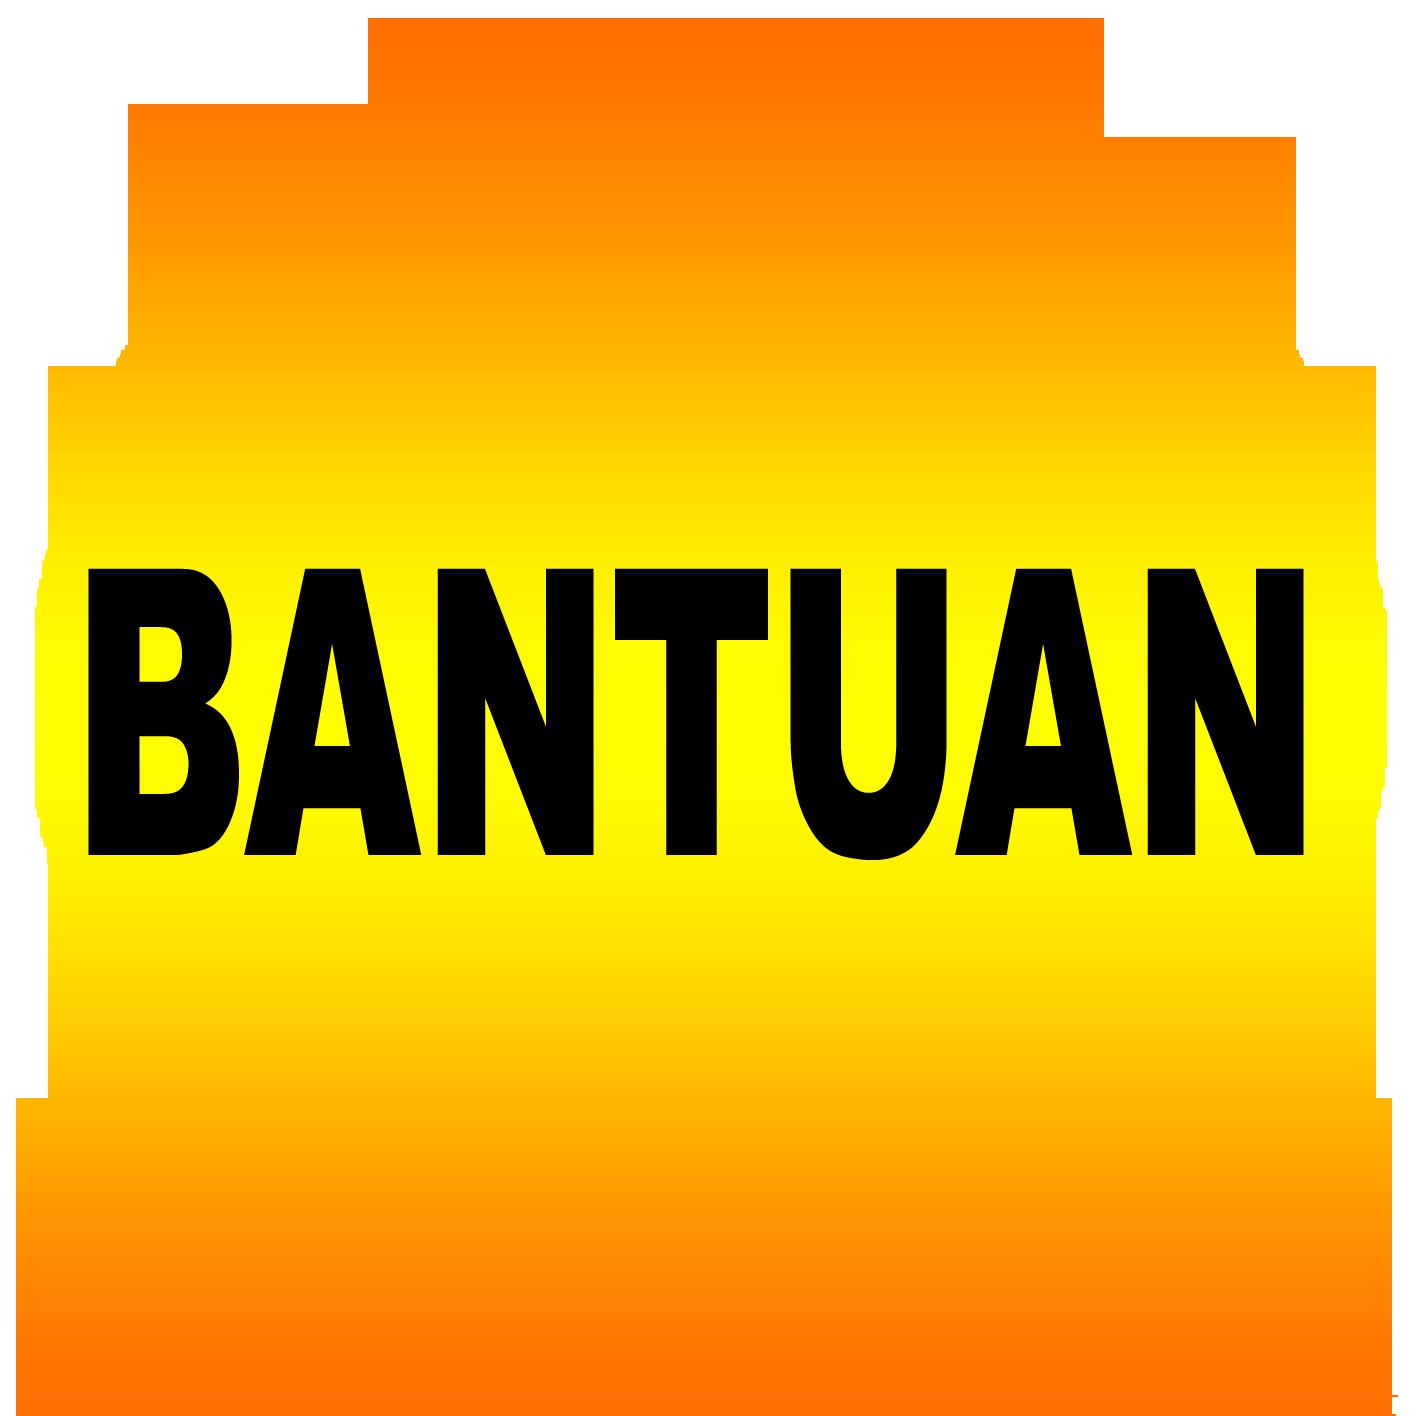 BANTUAN